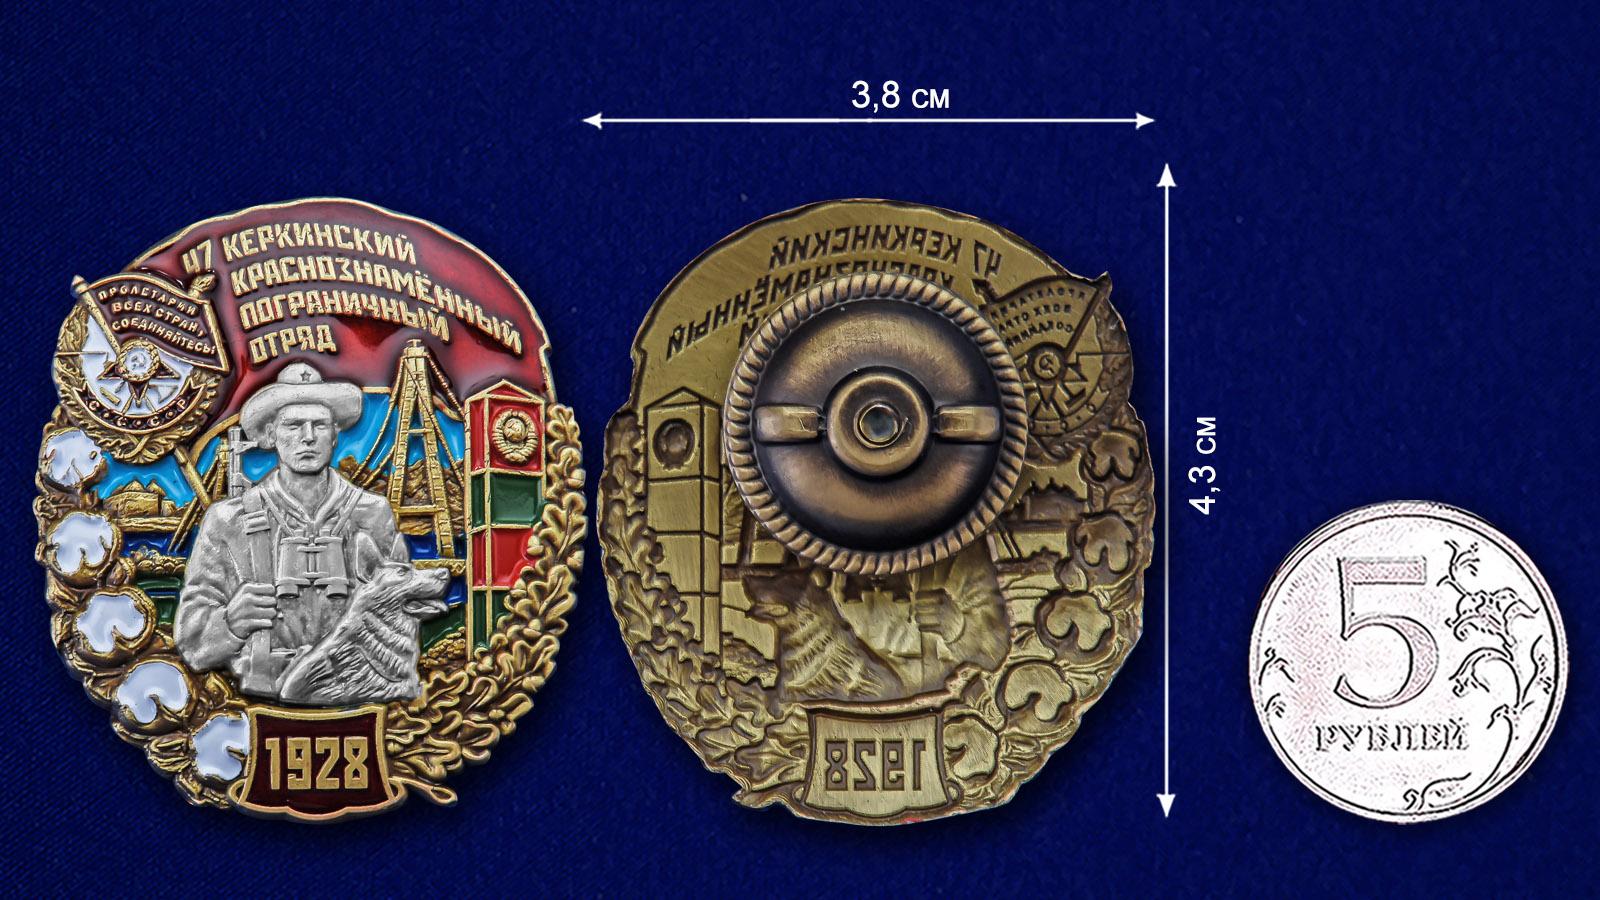 Памятный знак 47 Керкинский Краснознамённый пограничный отряд - сравнительный вид